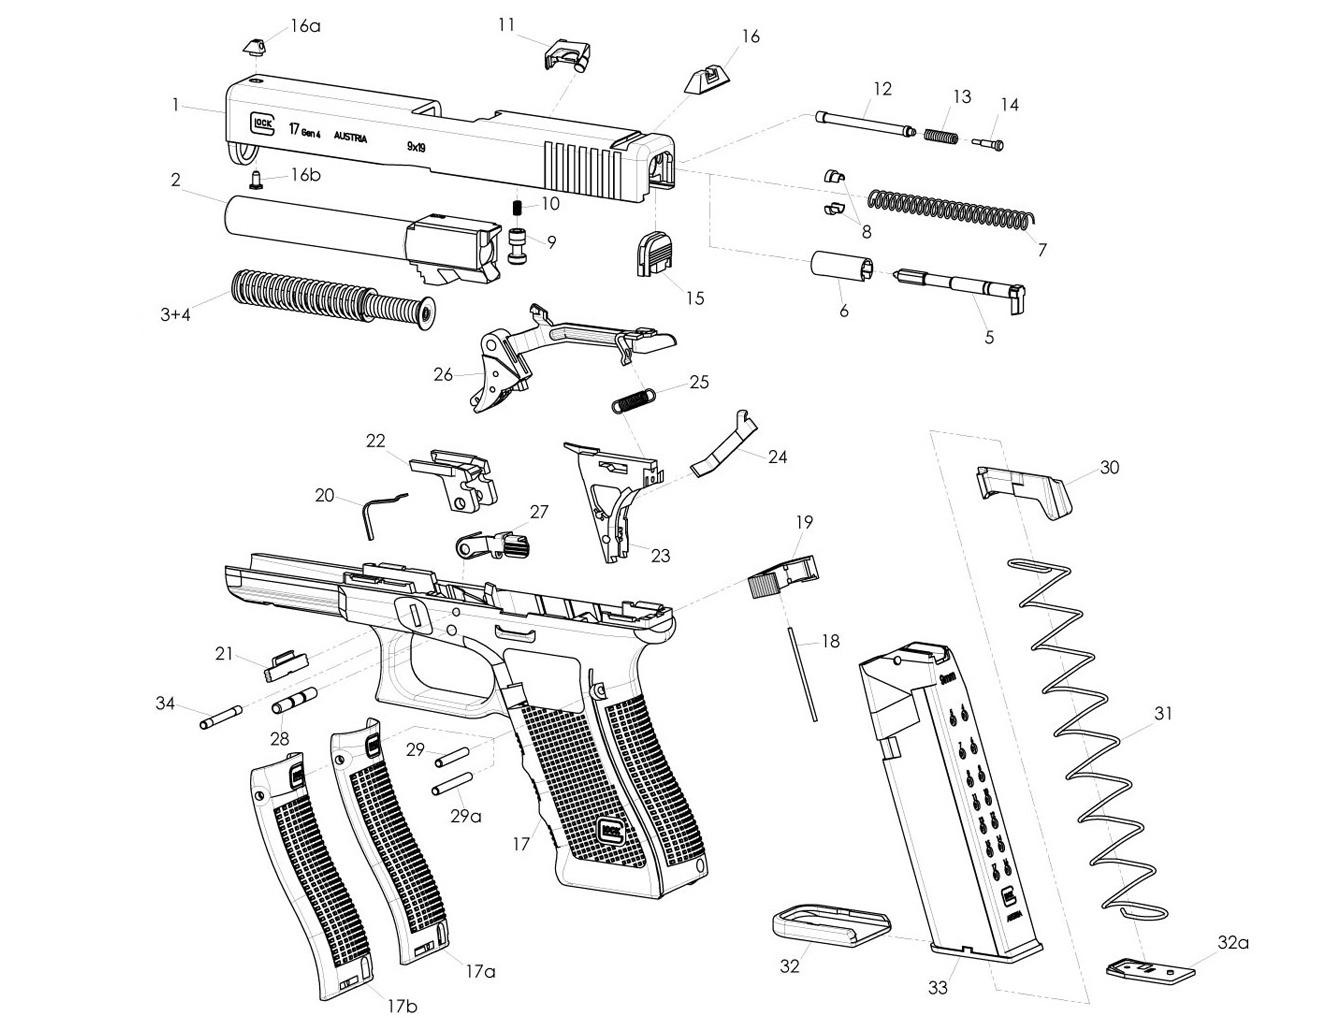 40 Glock Schematic Diagram - Wiring Diagram Name on handgun schematics and how it works, revolver schematics diagrams, shotgun schematics or diagrams,